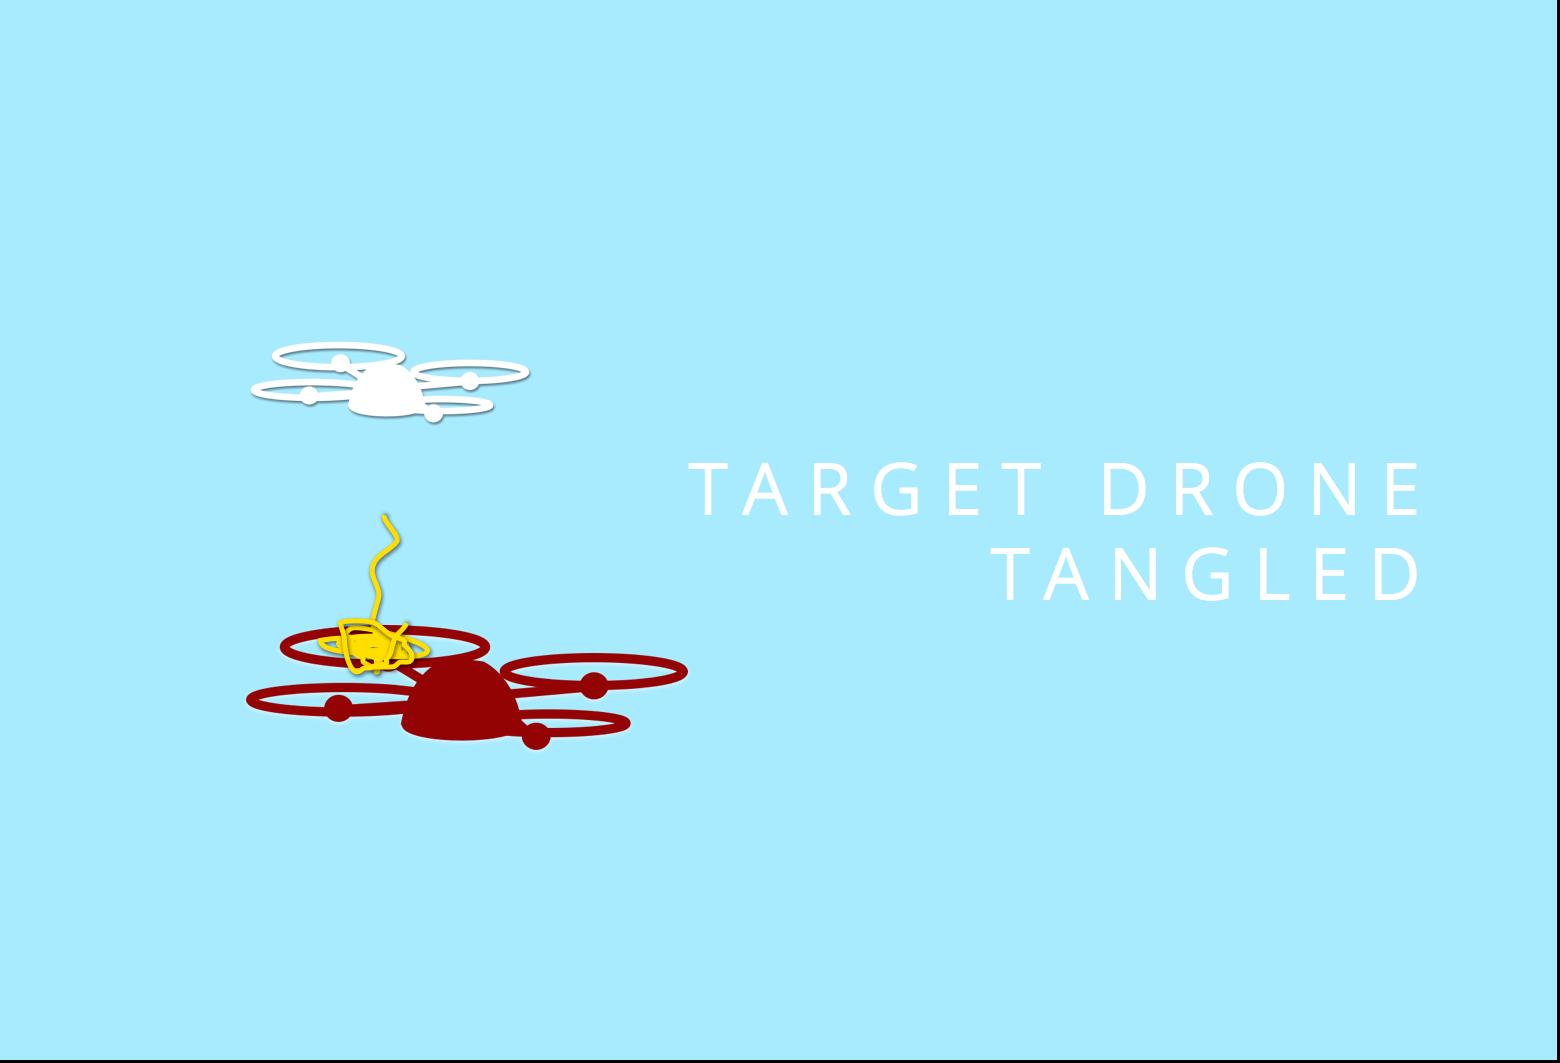 Išmesta virvė susipainioja atakuojamo drono sraigtuose/ rapere.io iliustracija